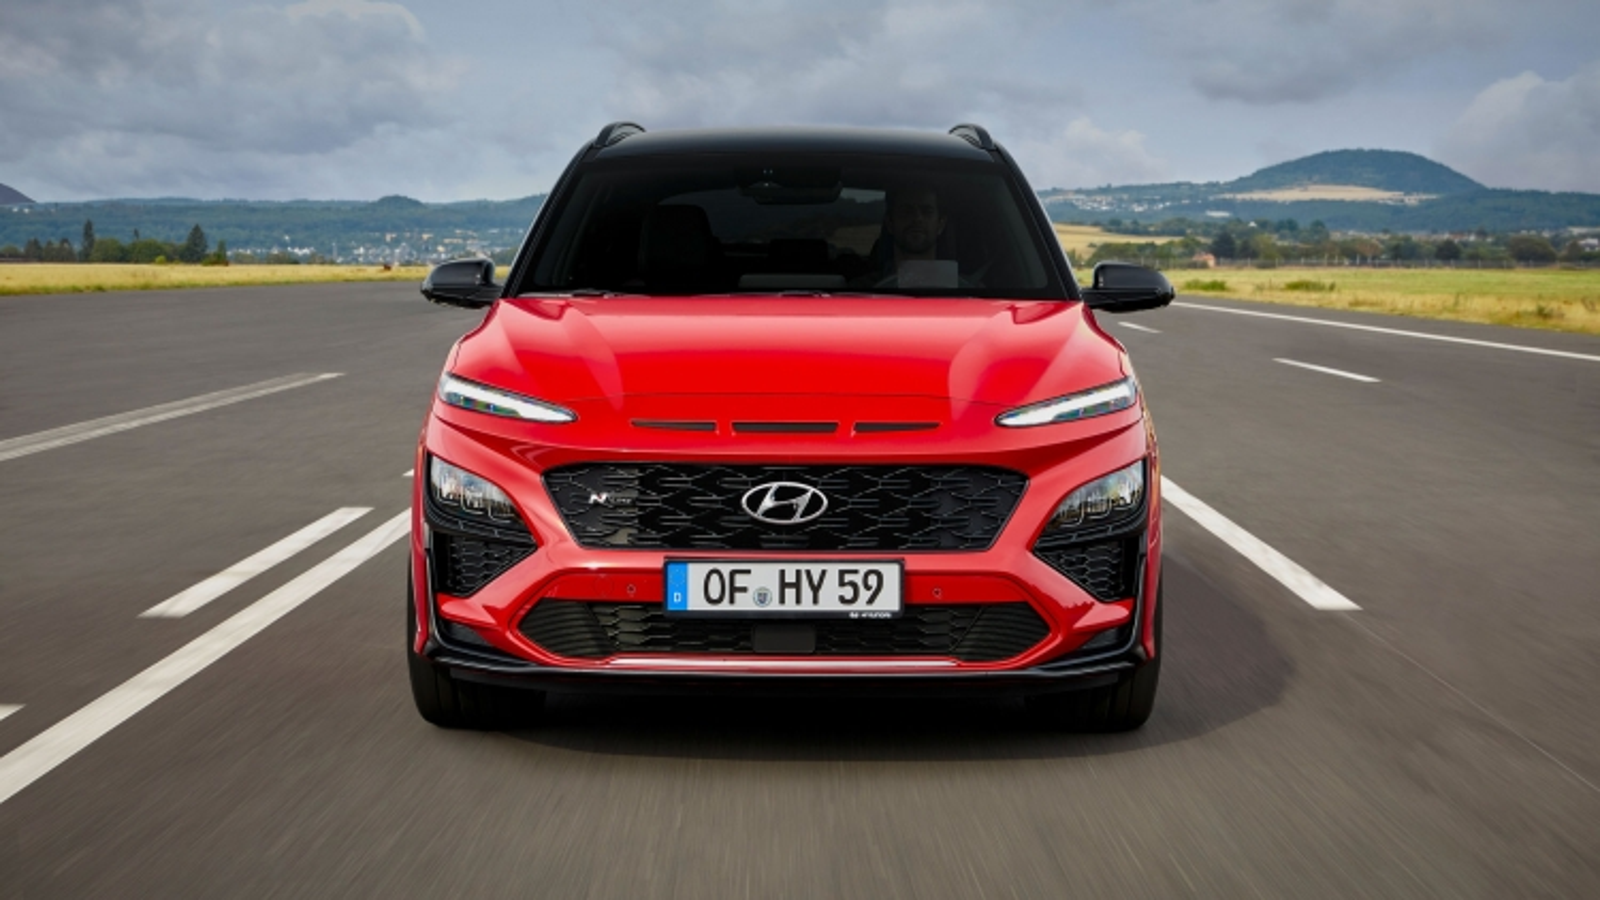 Cận cảnh Hyundai Kona bản nâng cấp vừa ra mắt